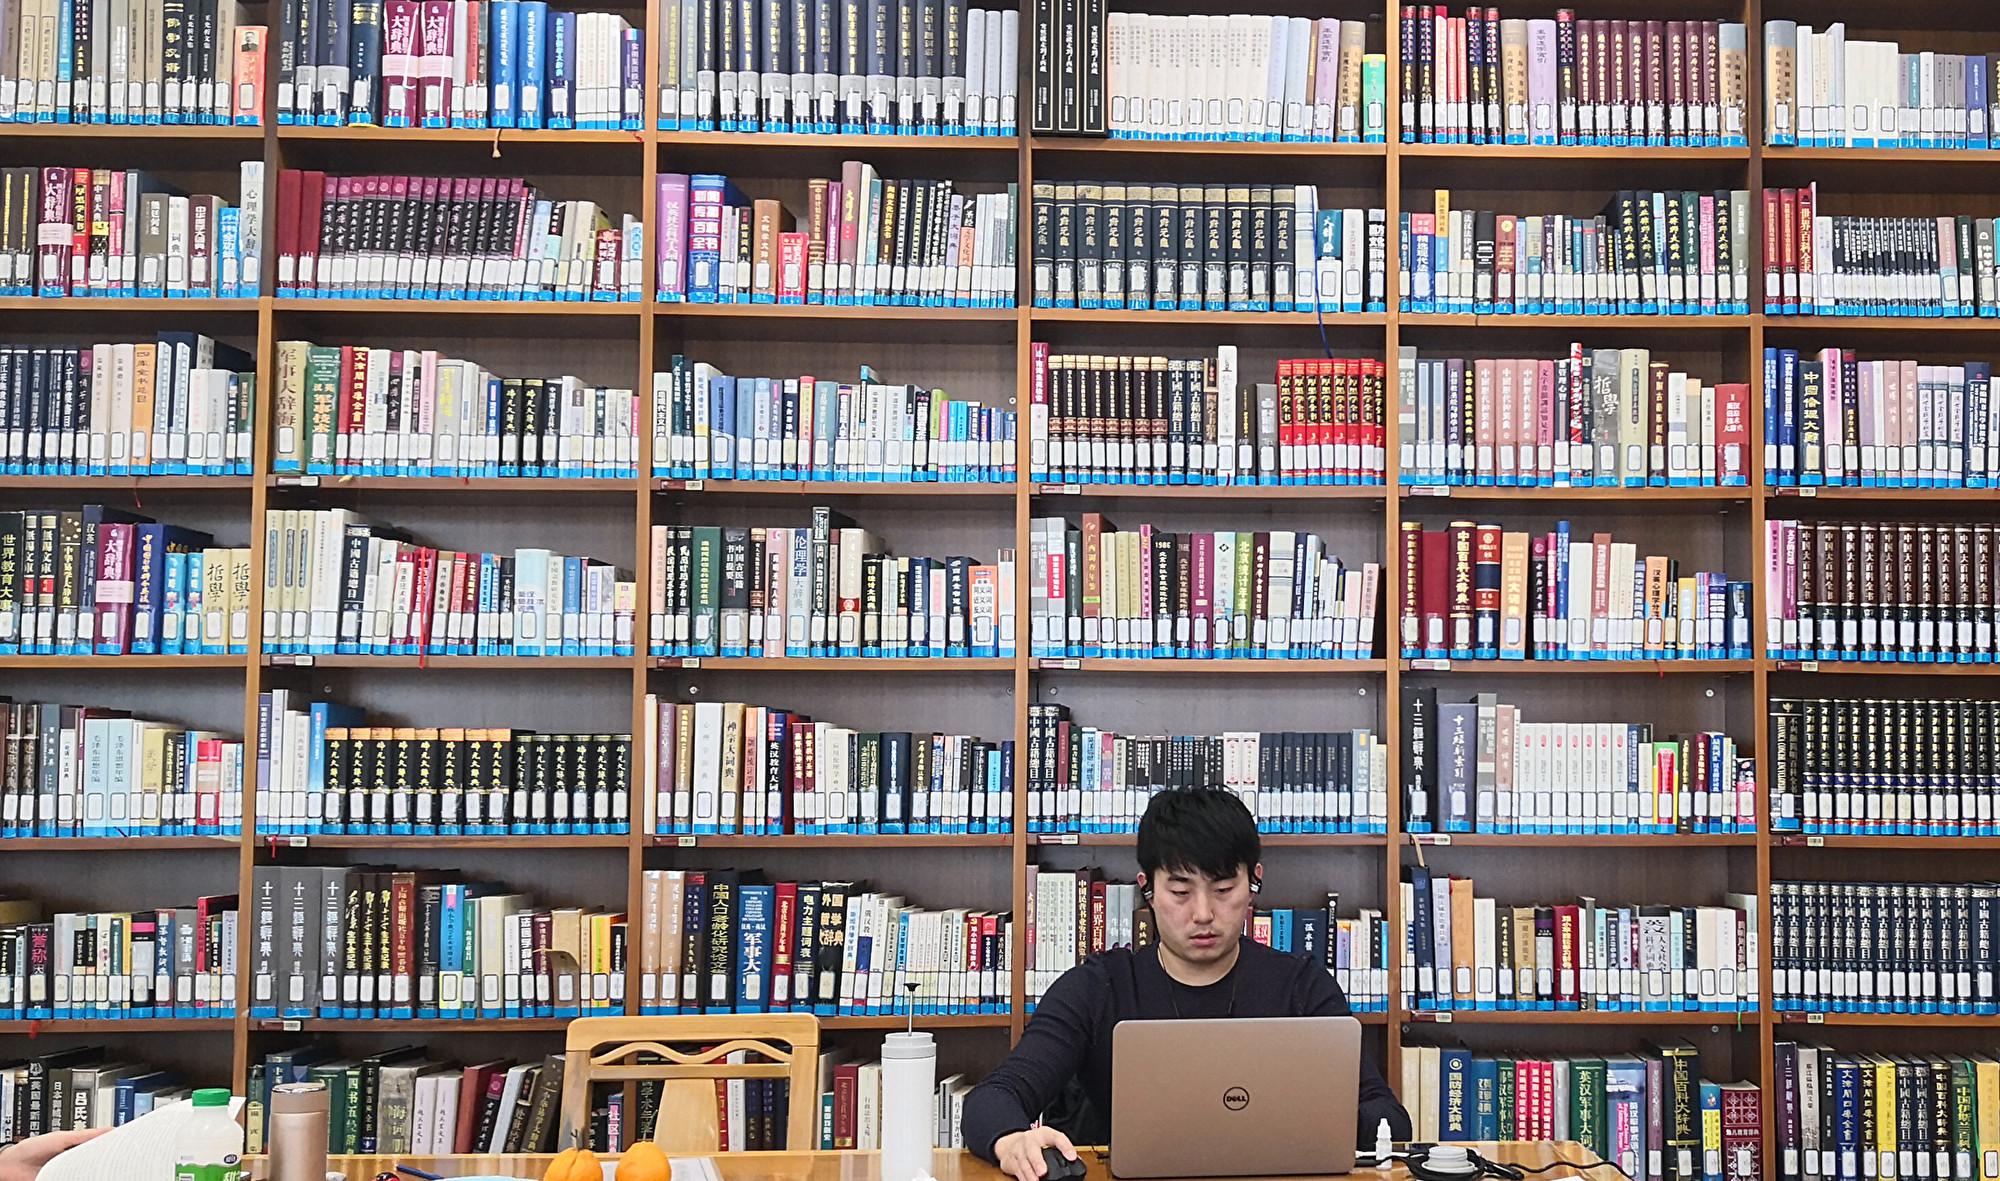 圖為2018年3月11日,首都圖書館一名男士在書架前使用電腦。(大紀元資料室)